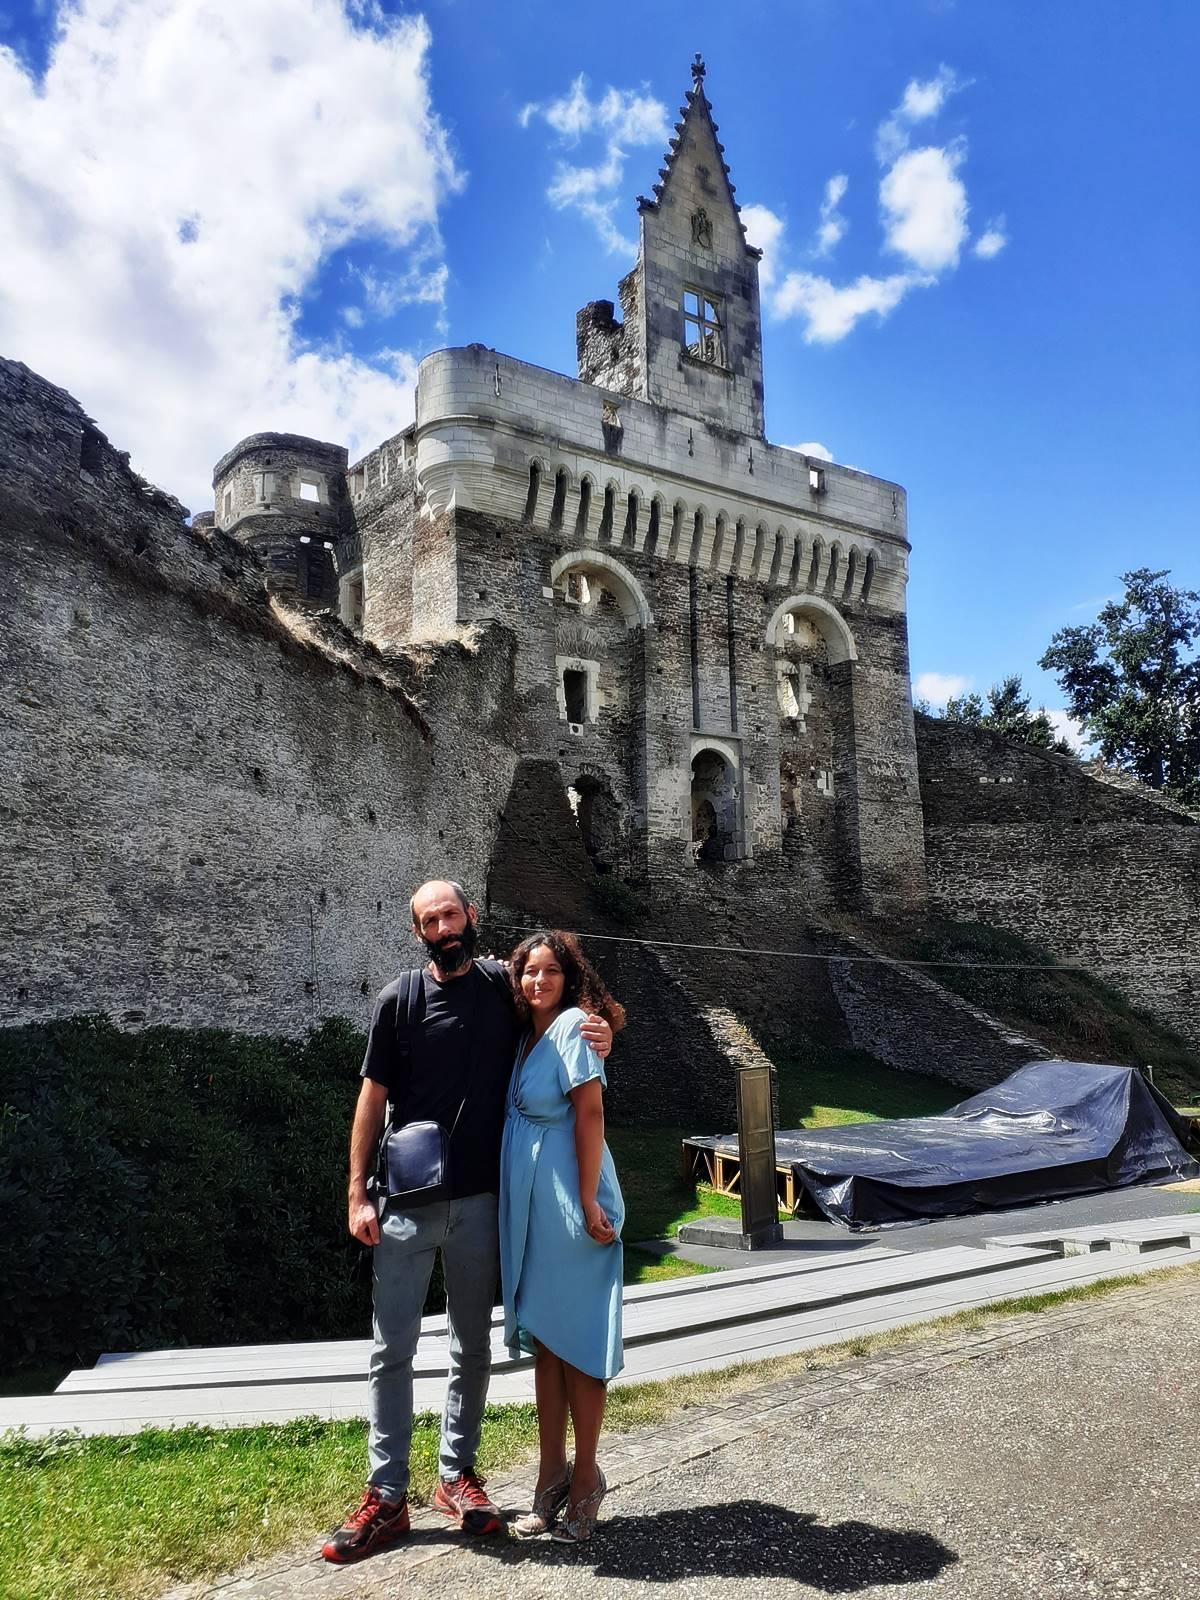 Chateau plessis mace maine loire gratuit20200801 150506